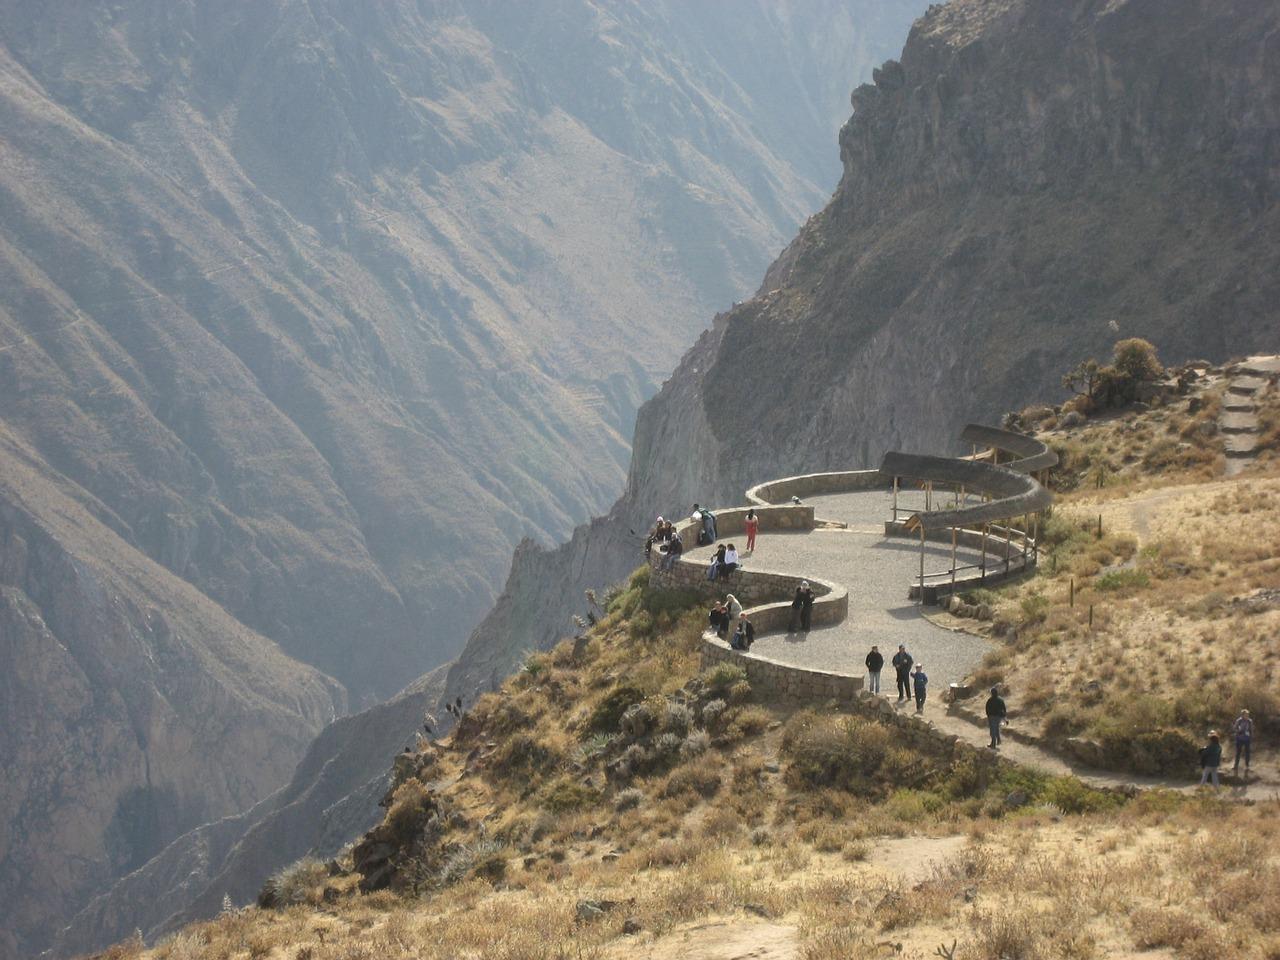 Un groupe randonne dans le canyon de Colca au Pérou